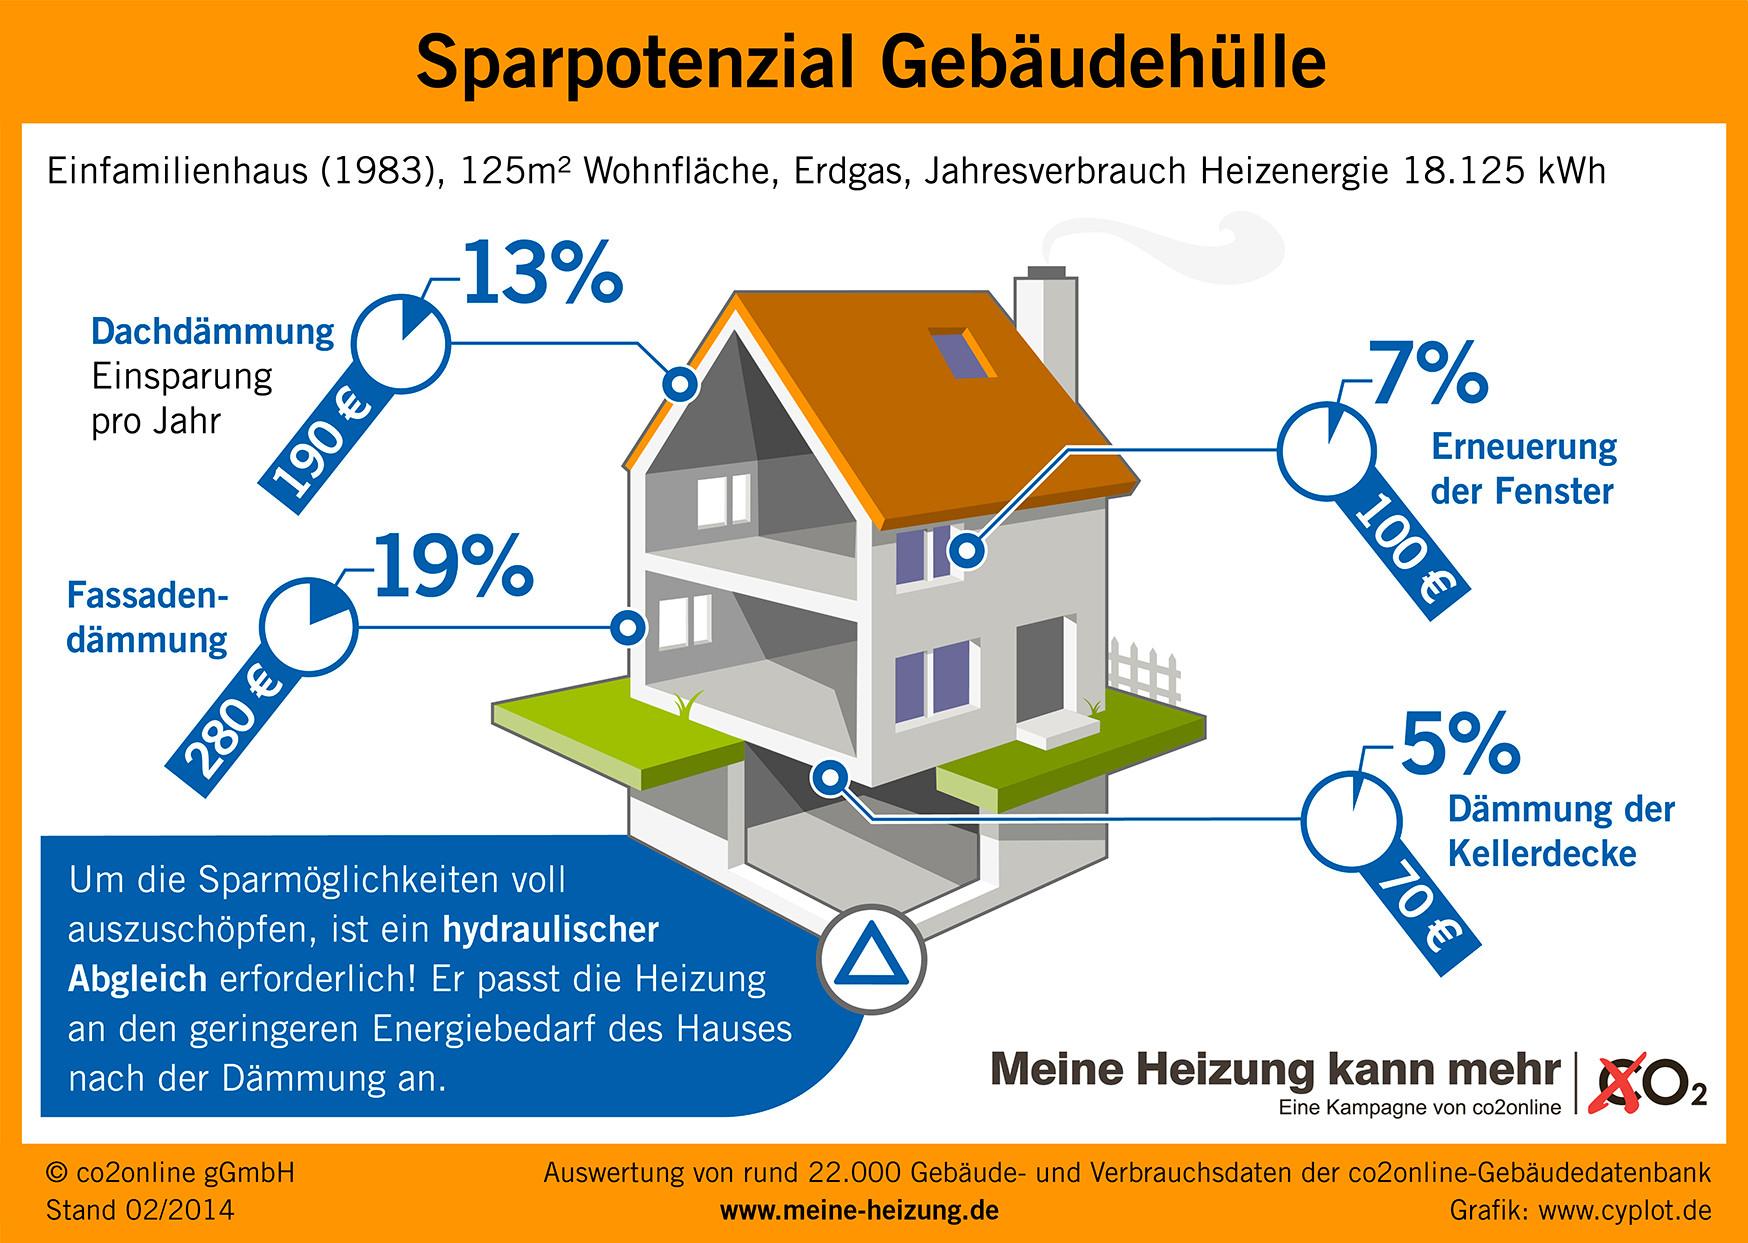 Abstimmung der Anlagentechnik auf die Gebäudehülle